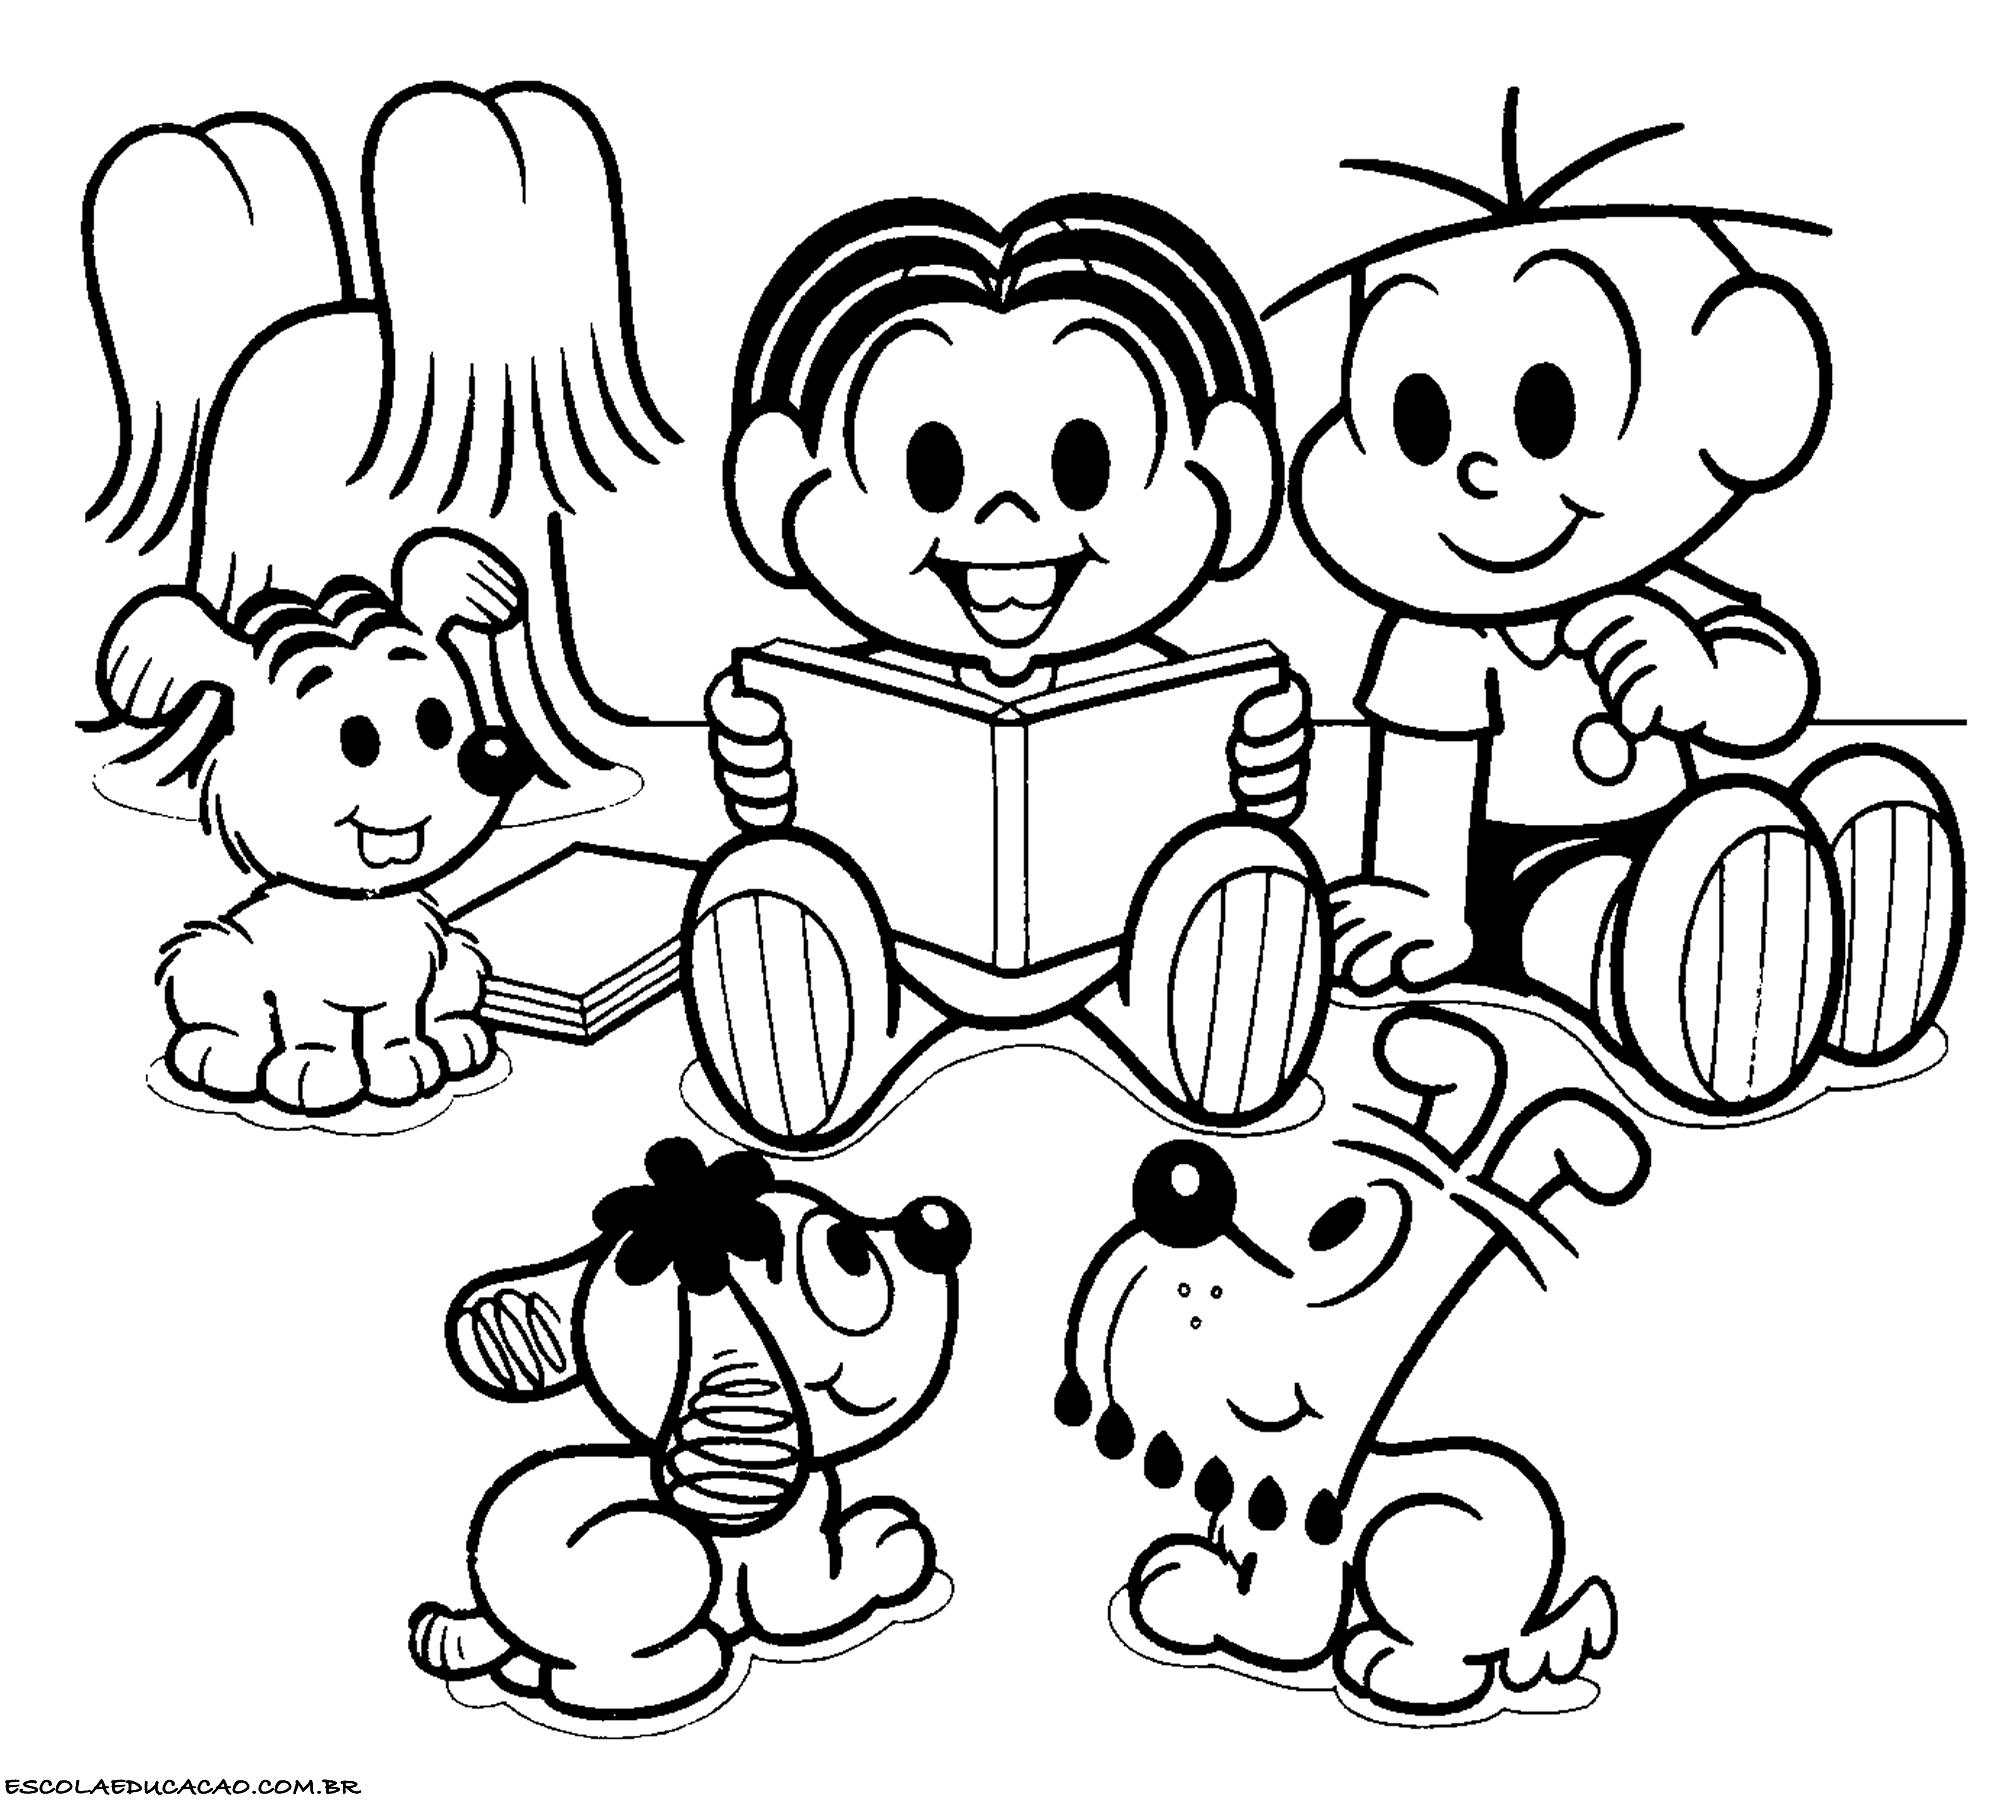 Populares Desenhos para Colorir e Imprimir - Escola Educação FT11